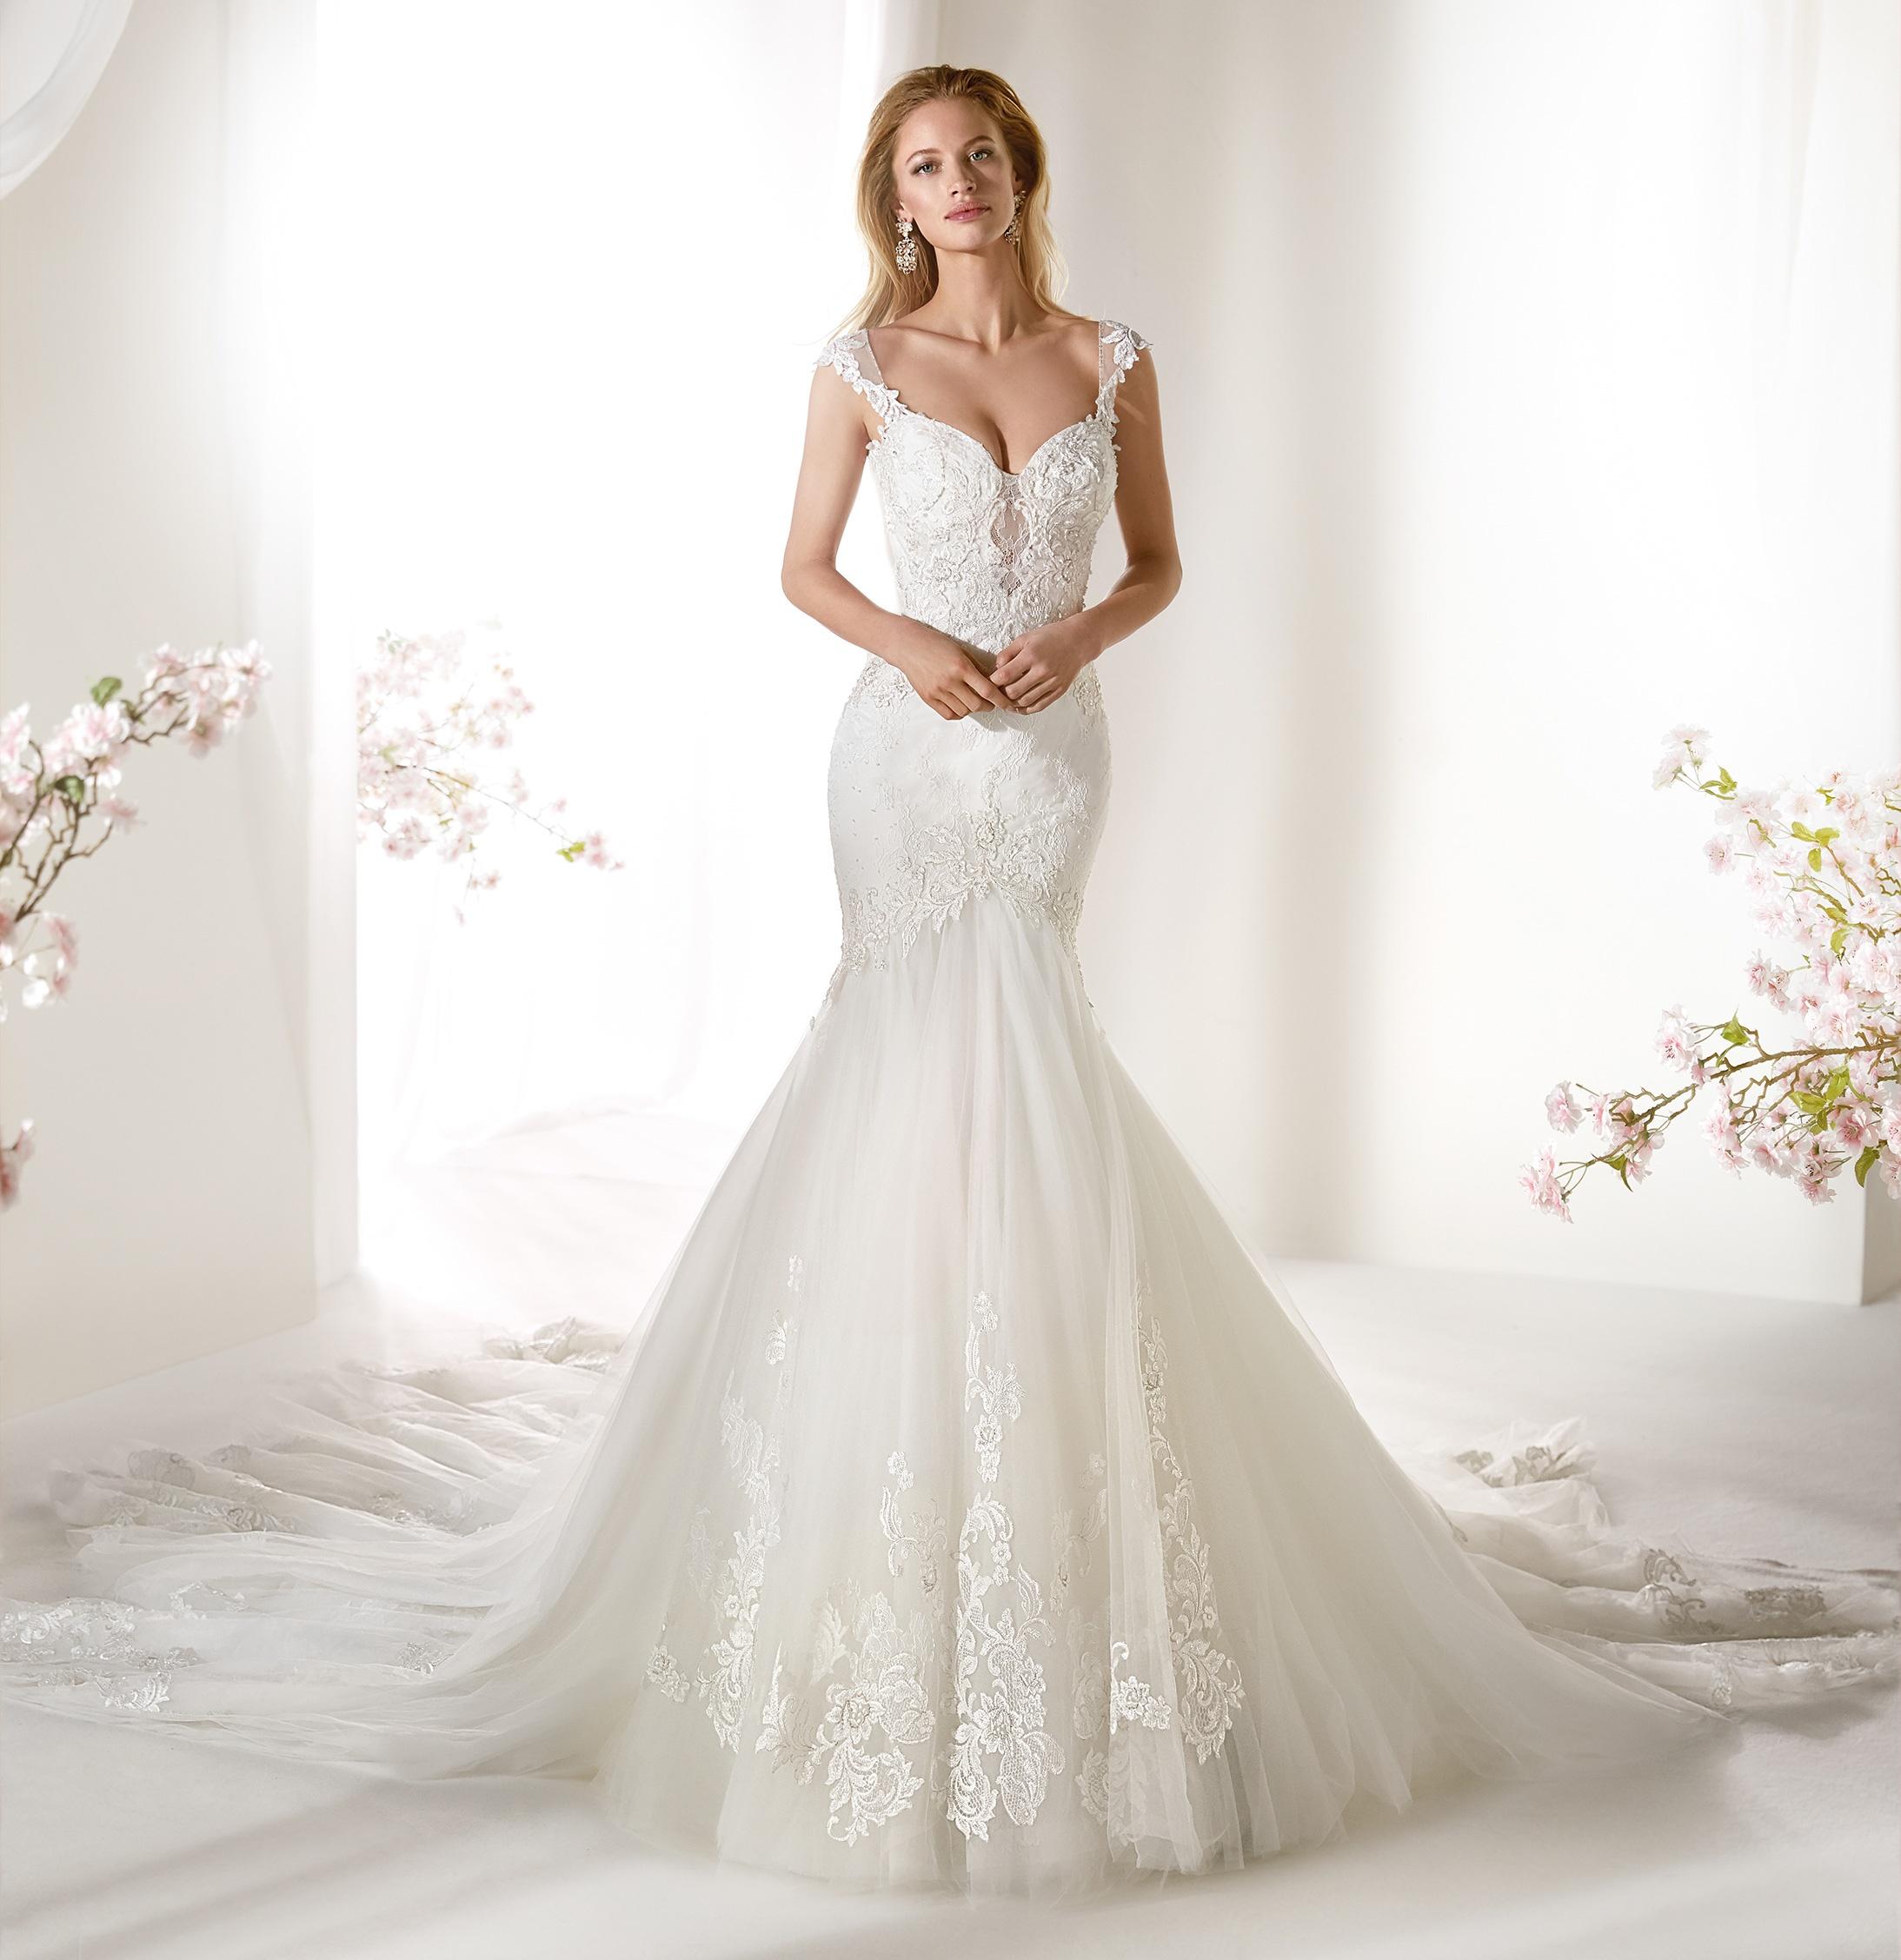 Vestito da sposa in pizzo a sirena Colet